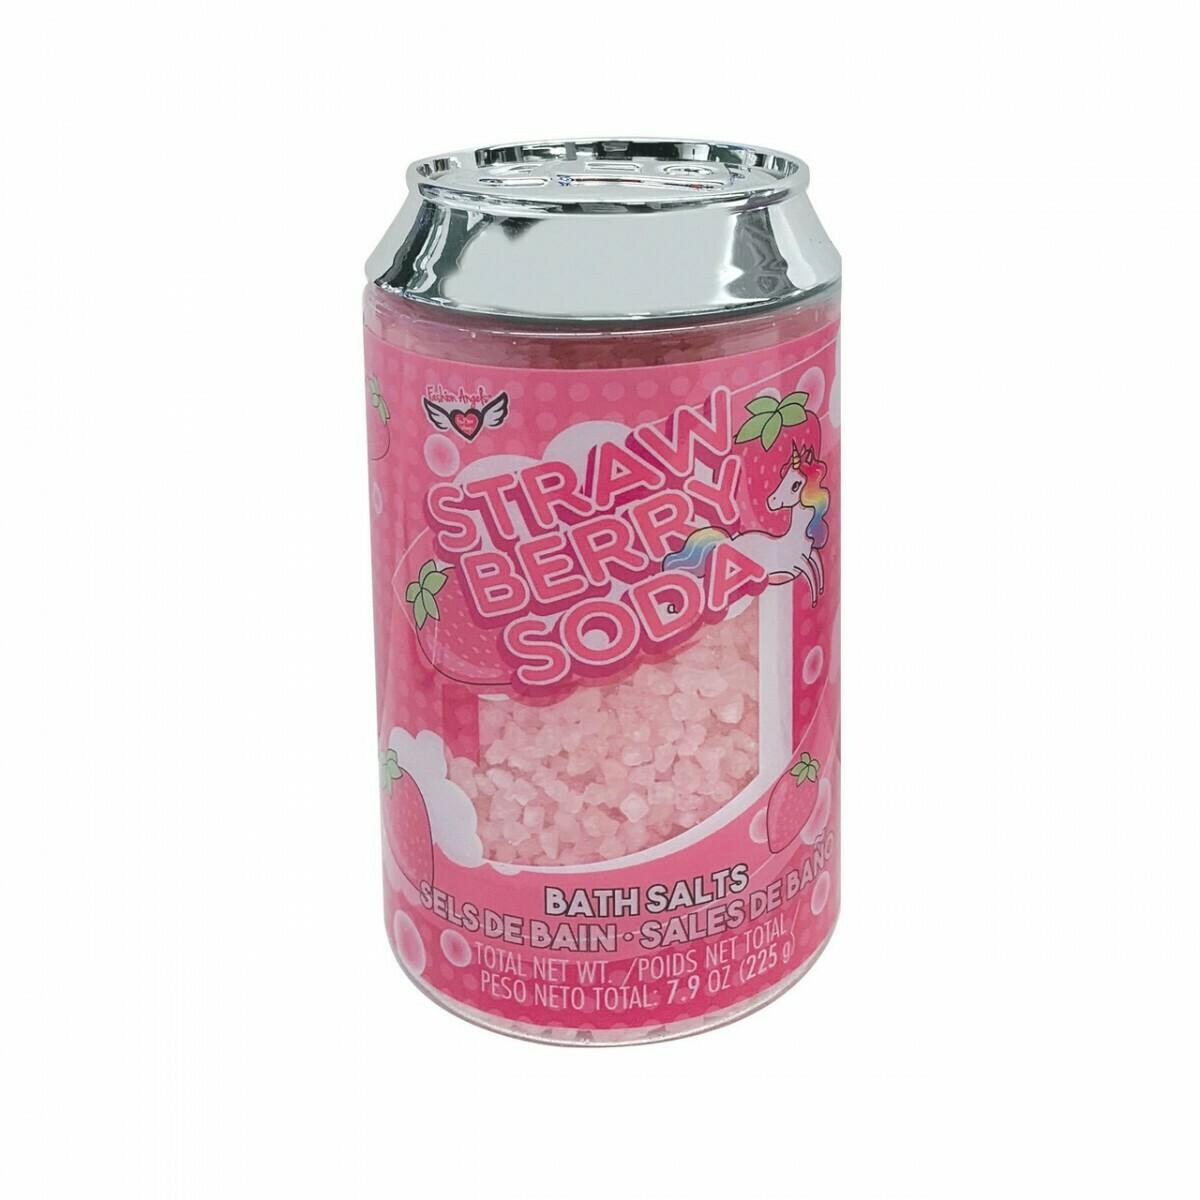 Strawberry Soda Bath Salts Fashion Angels